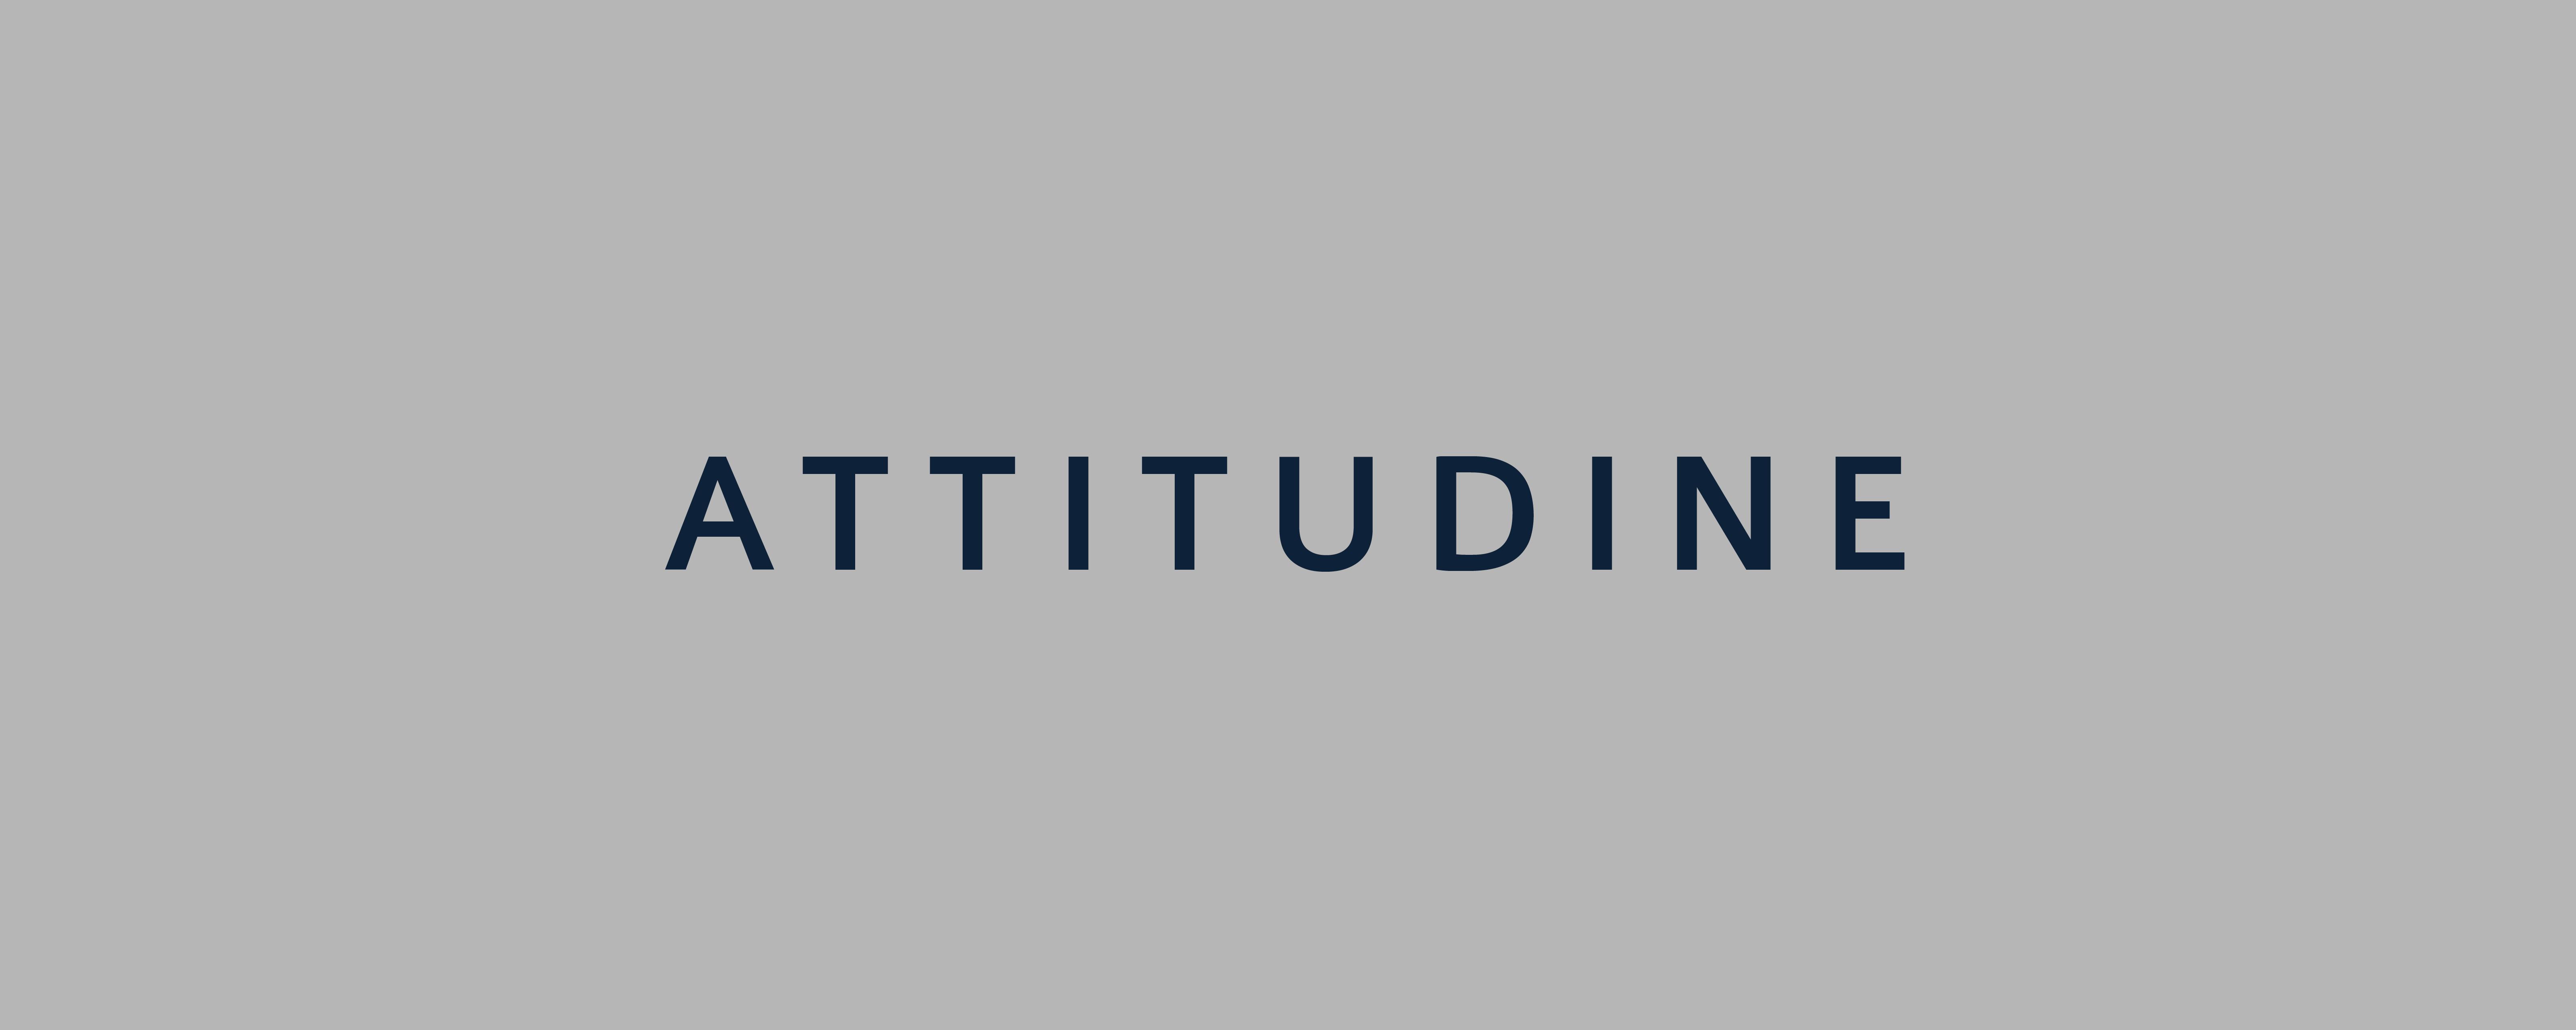 attitudine_tavola-disegno-1-copia-10